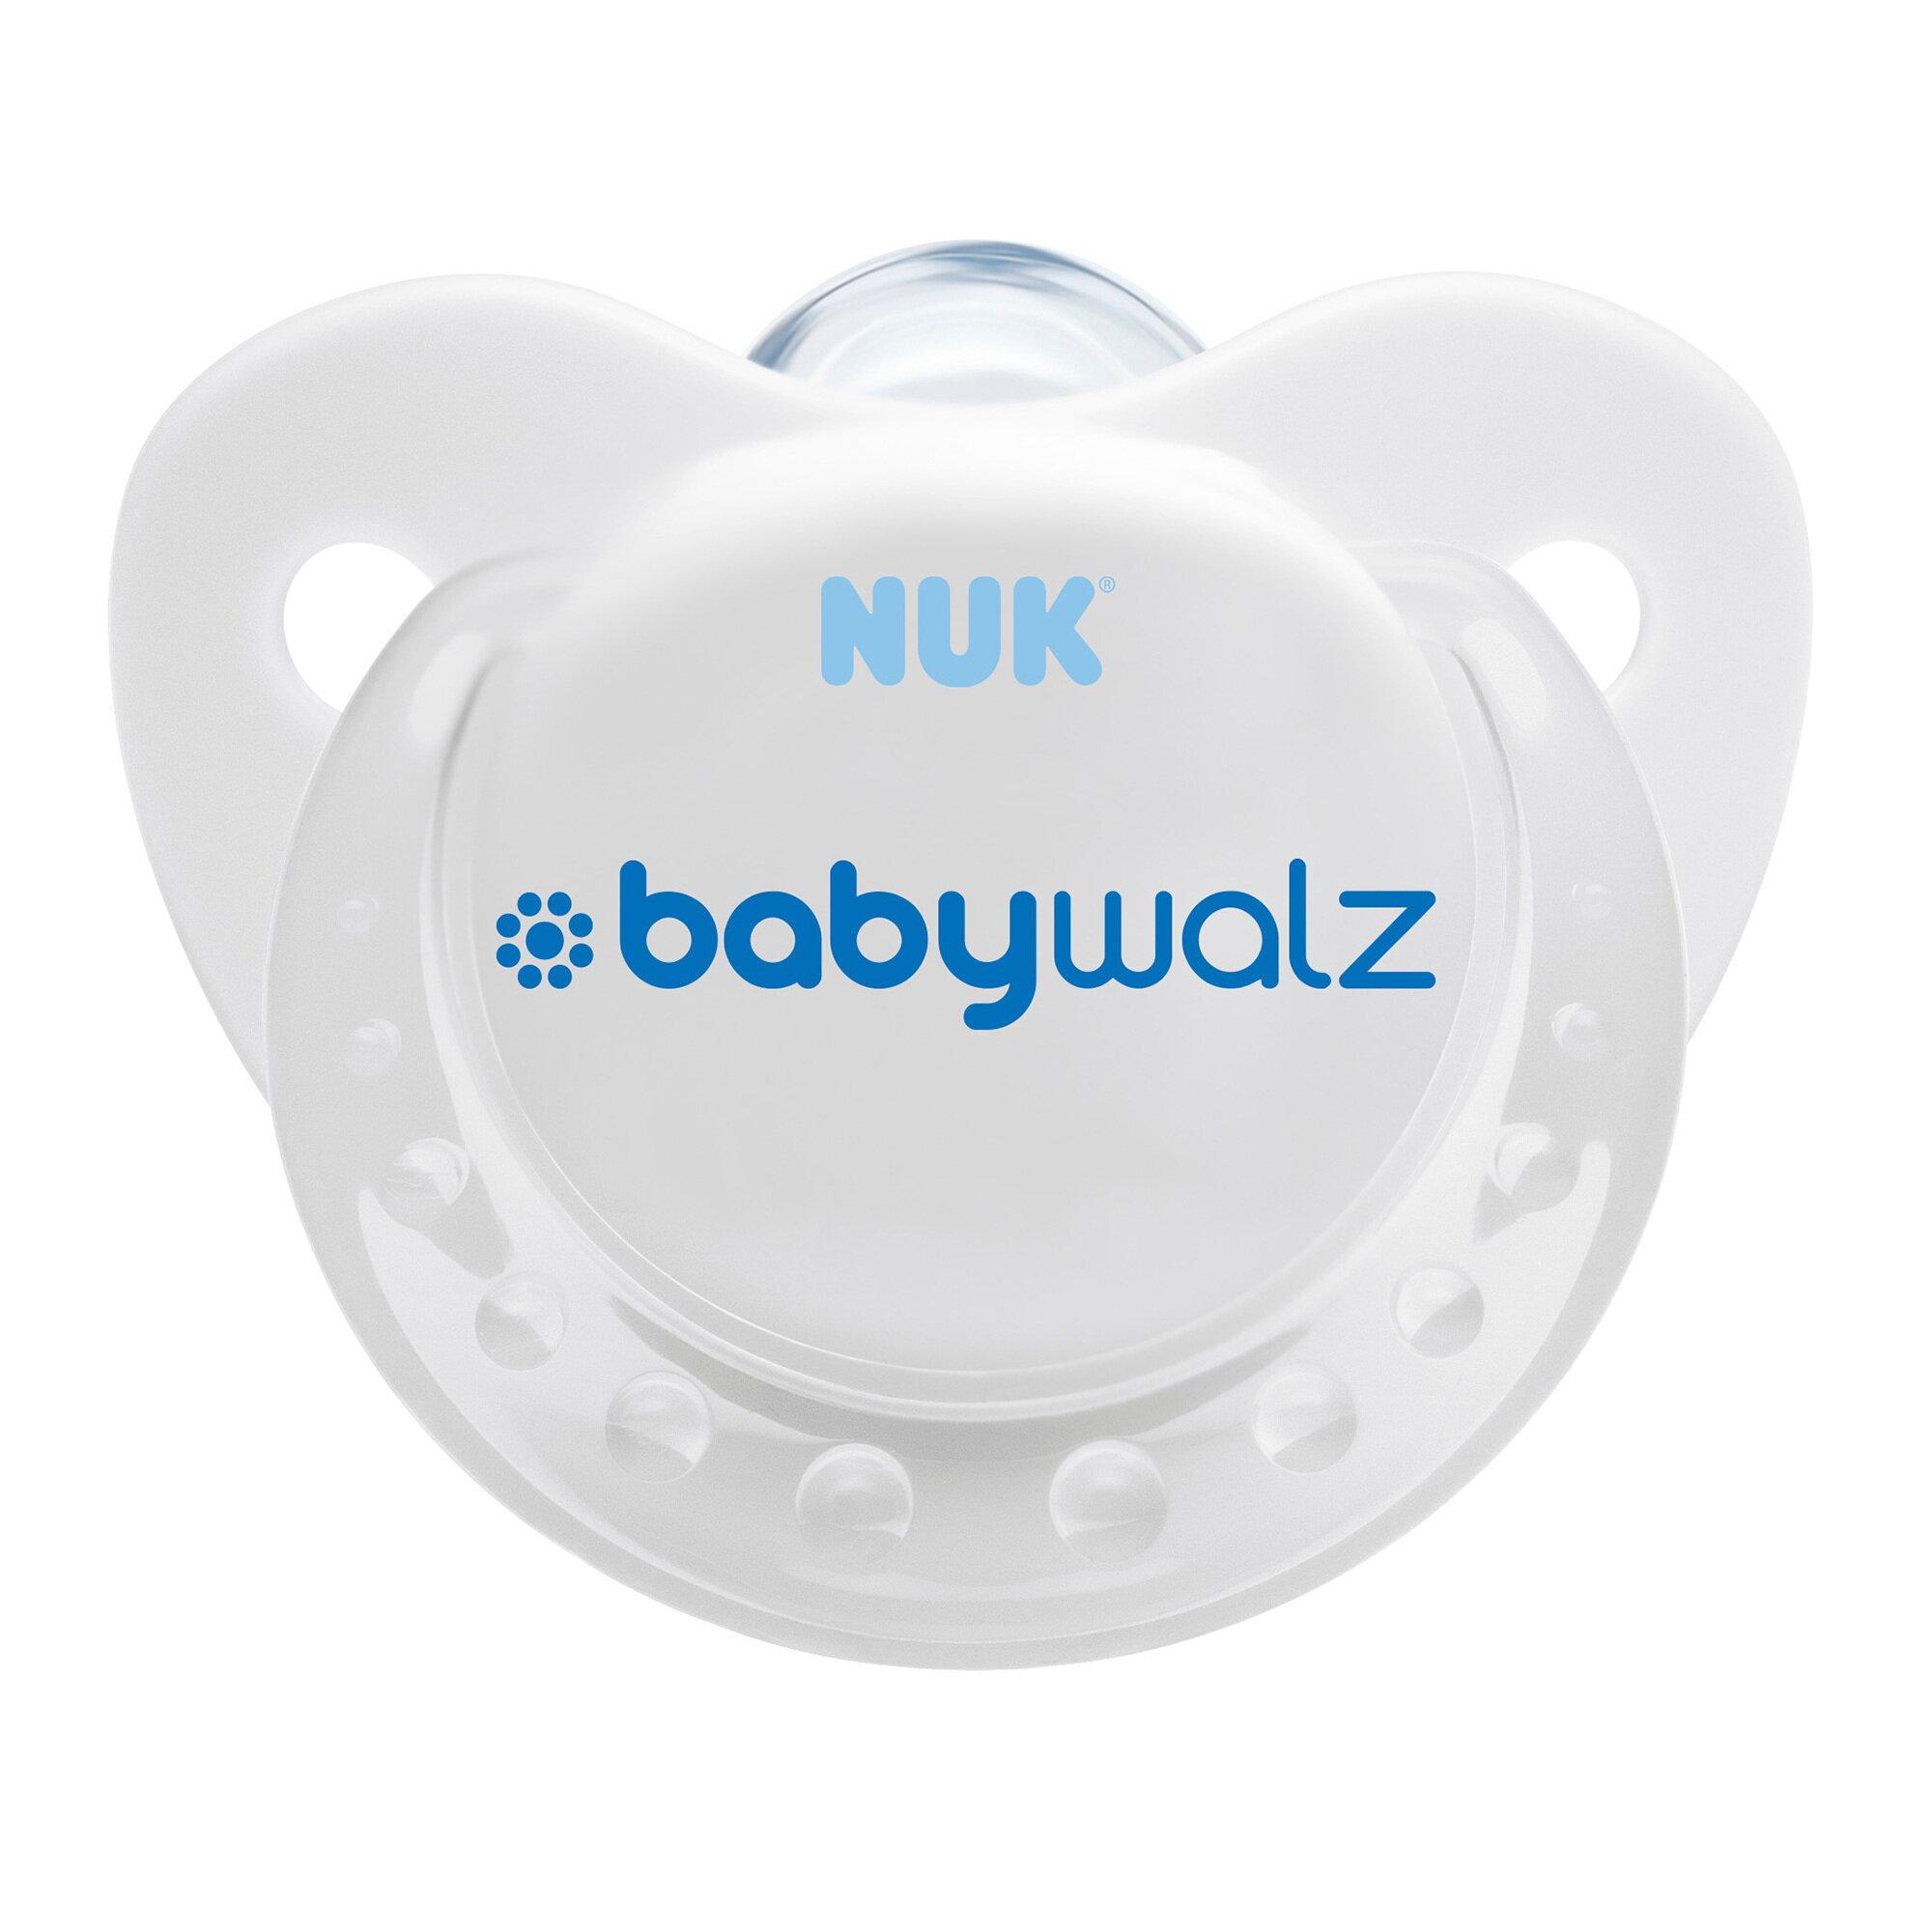 Nuk Beruhigungssauger Trendline baby-walz weiss